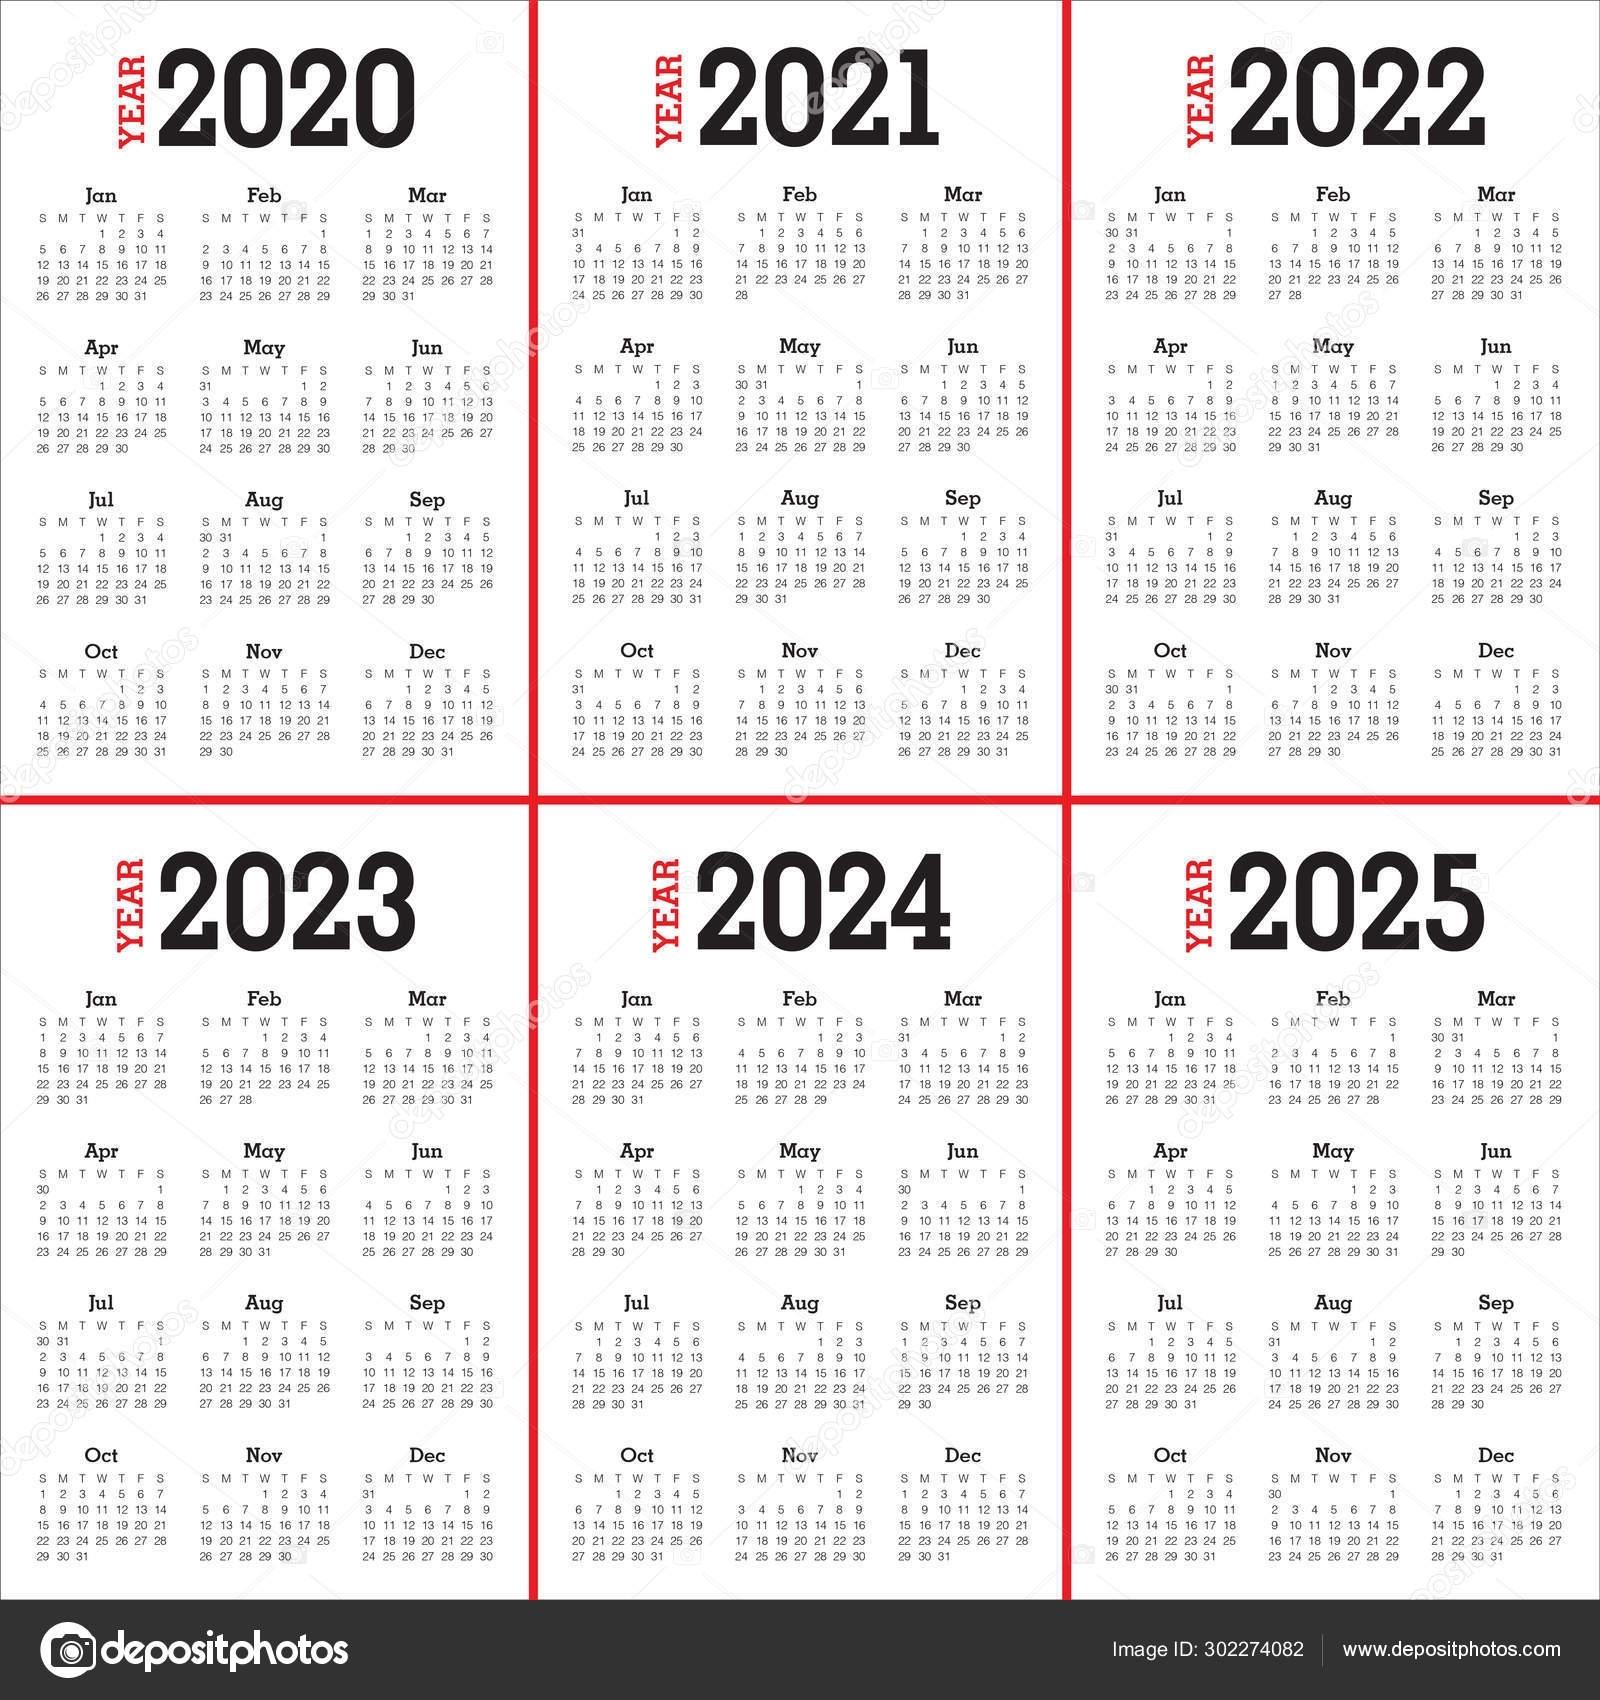 Year 2020 2021 2022 2023 2024 2025 Calendar Design — Stock